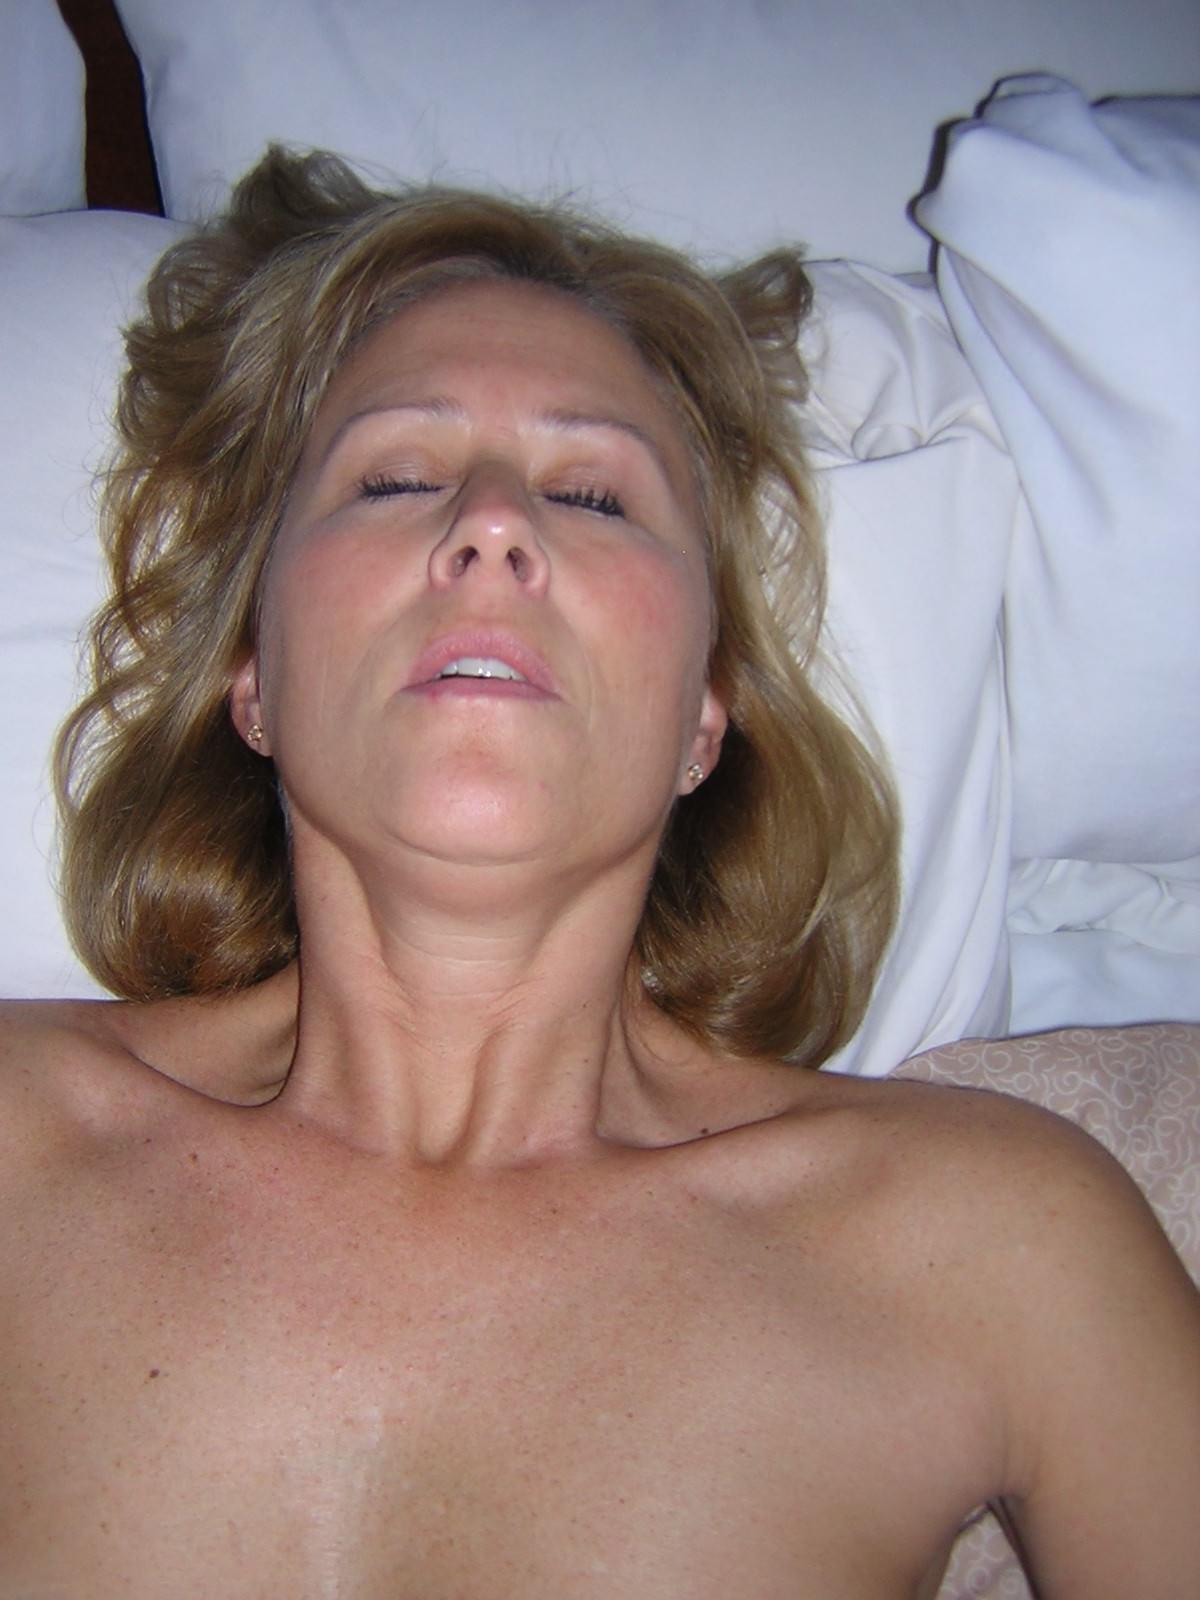 外人美女がセックスでアクメ顔wwwイッちゃってる顔がエロ可愛いwww 0615